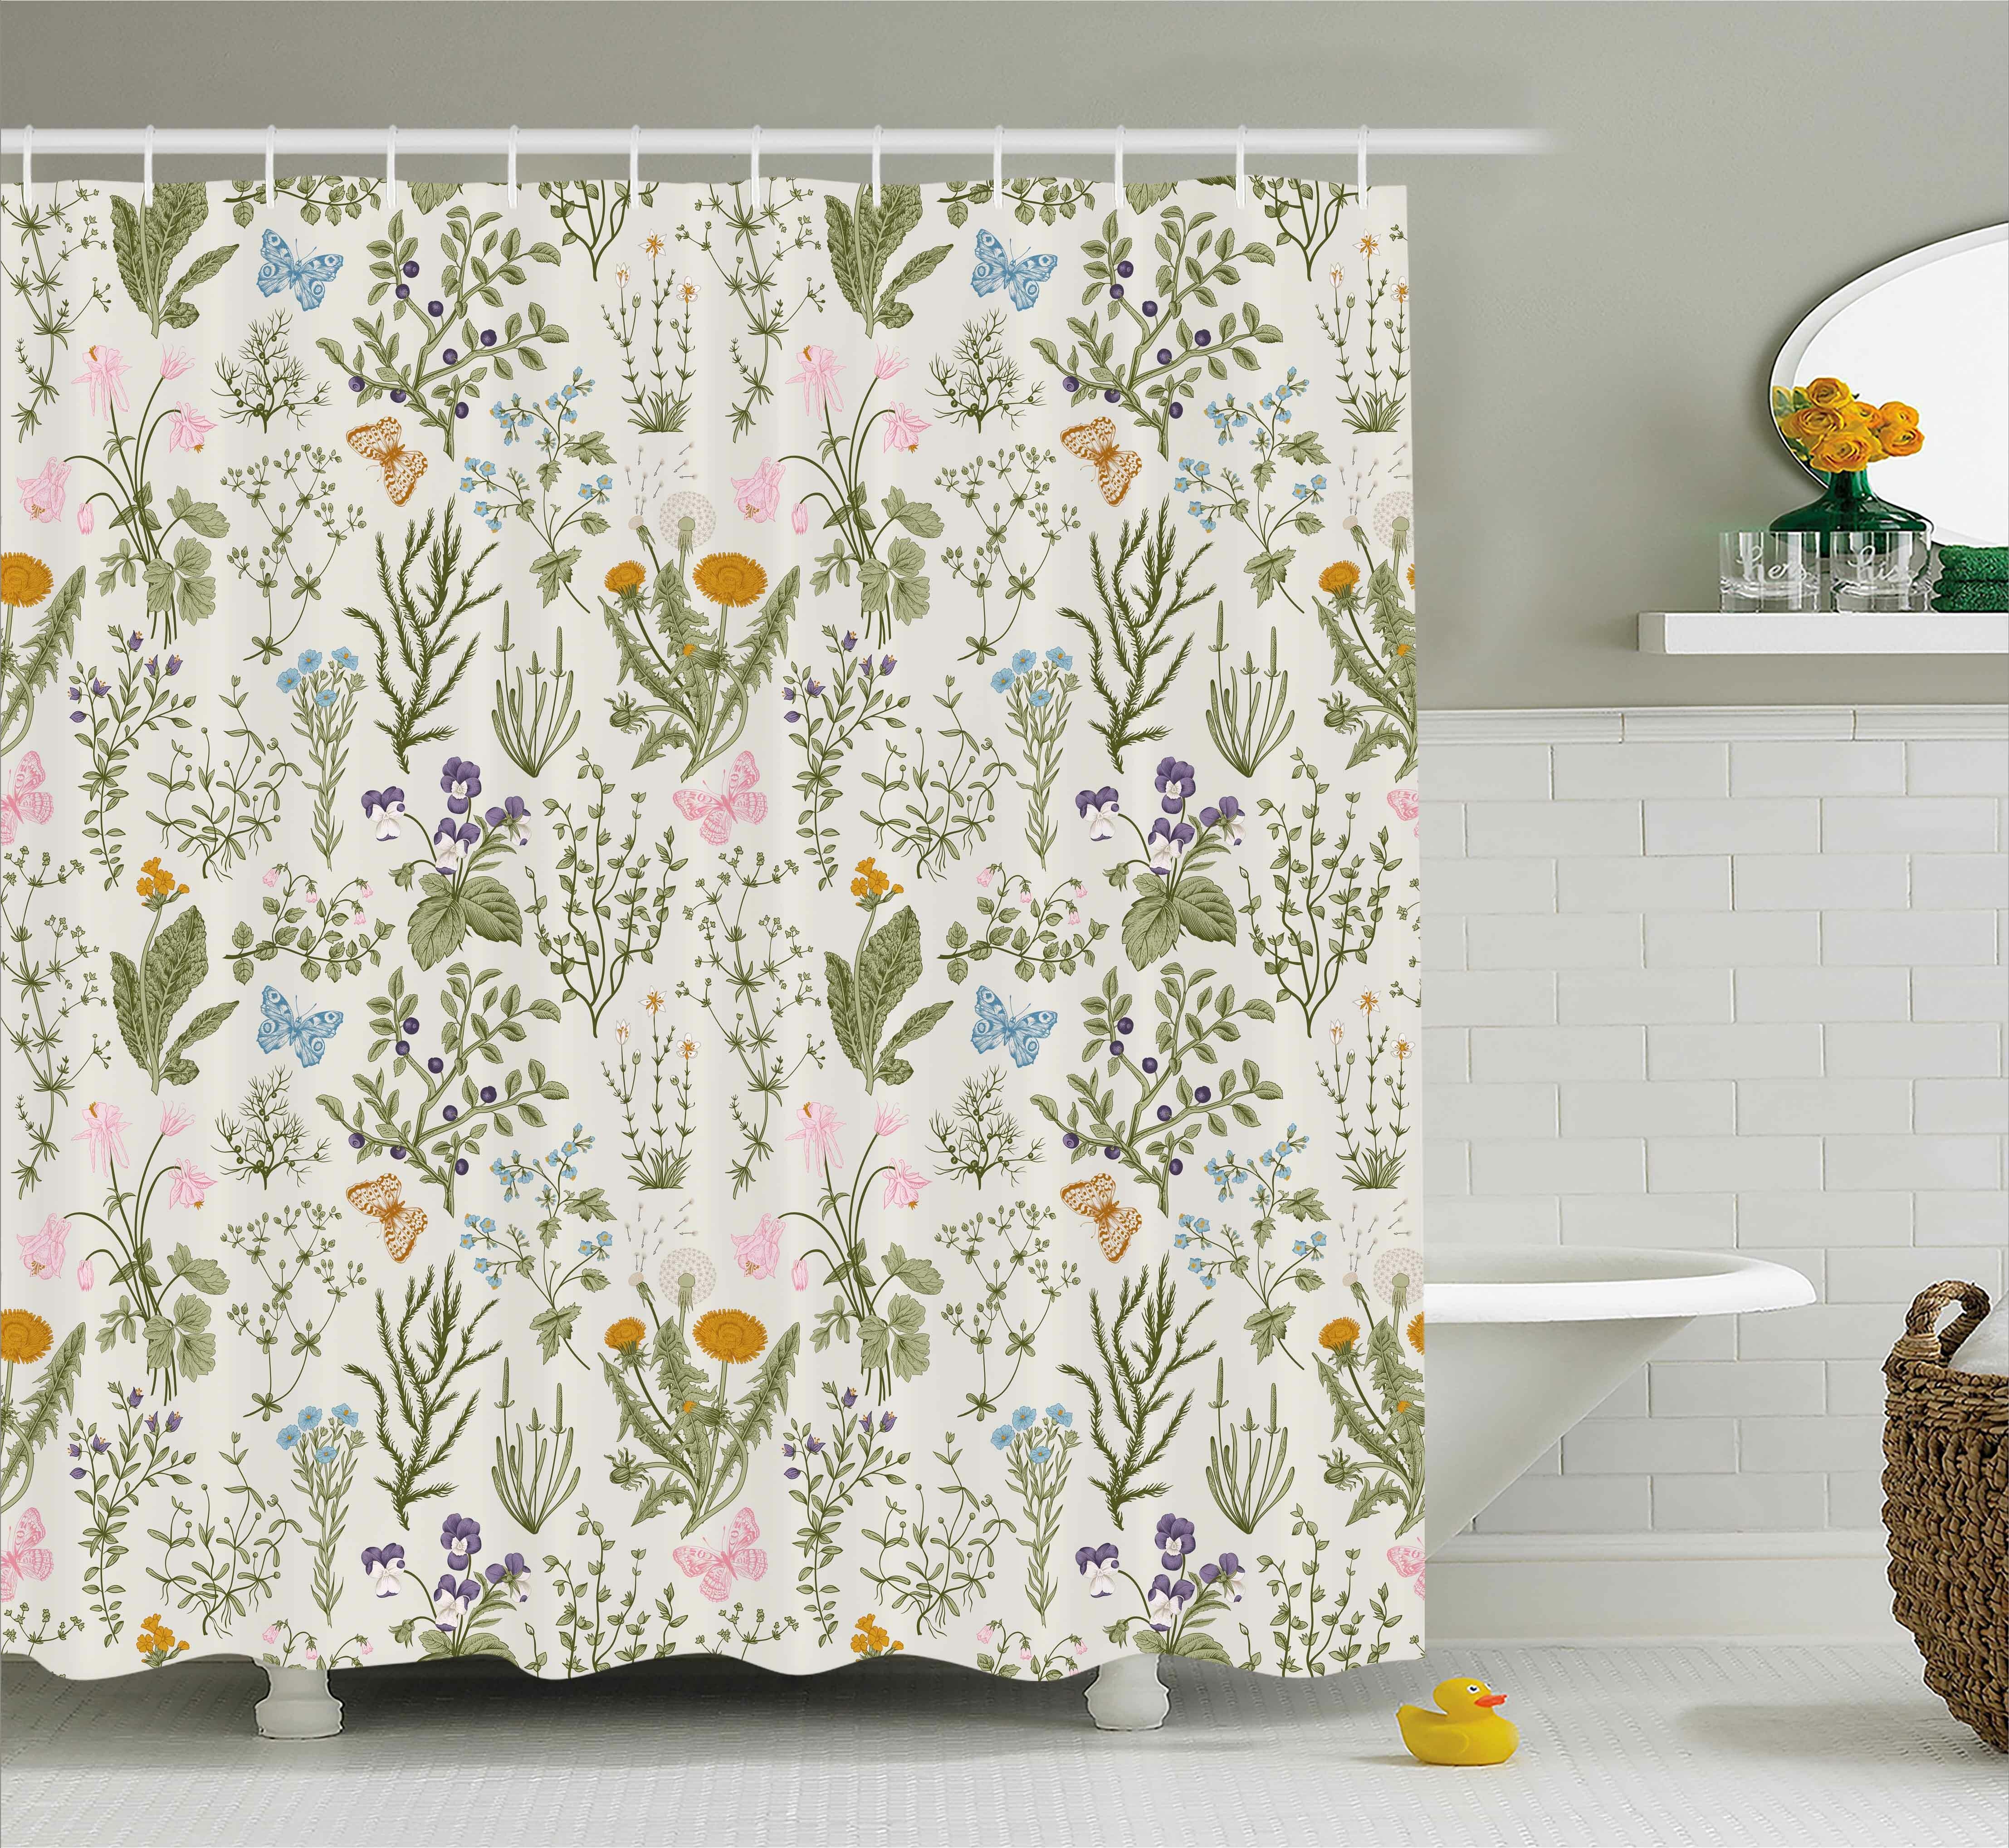 August Grove Menthe Herbs Flowers Shower Curtain & Reviews   Wayfair